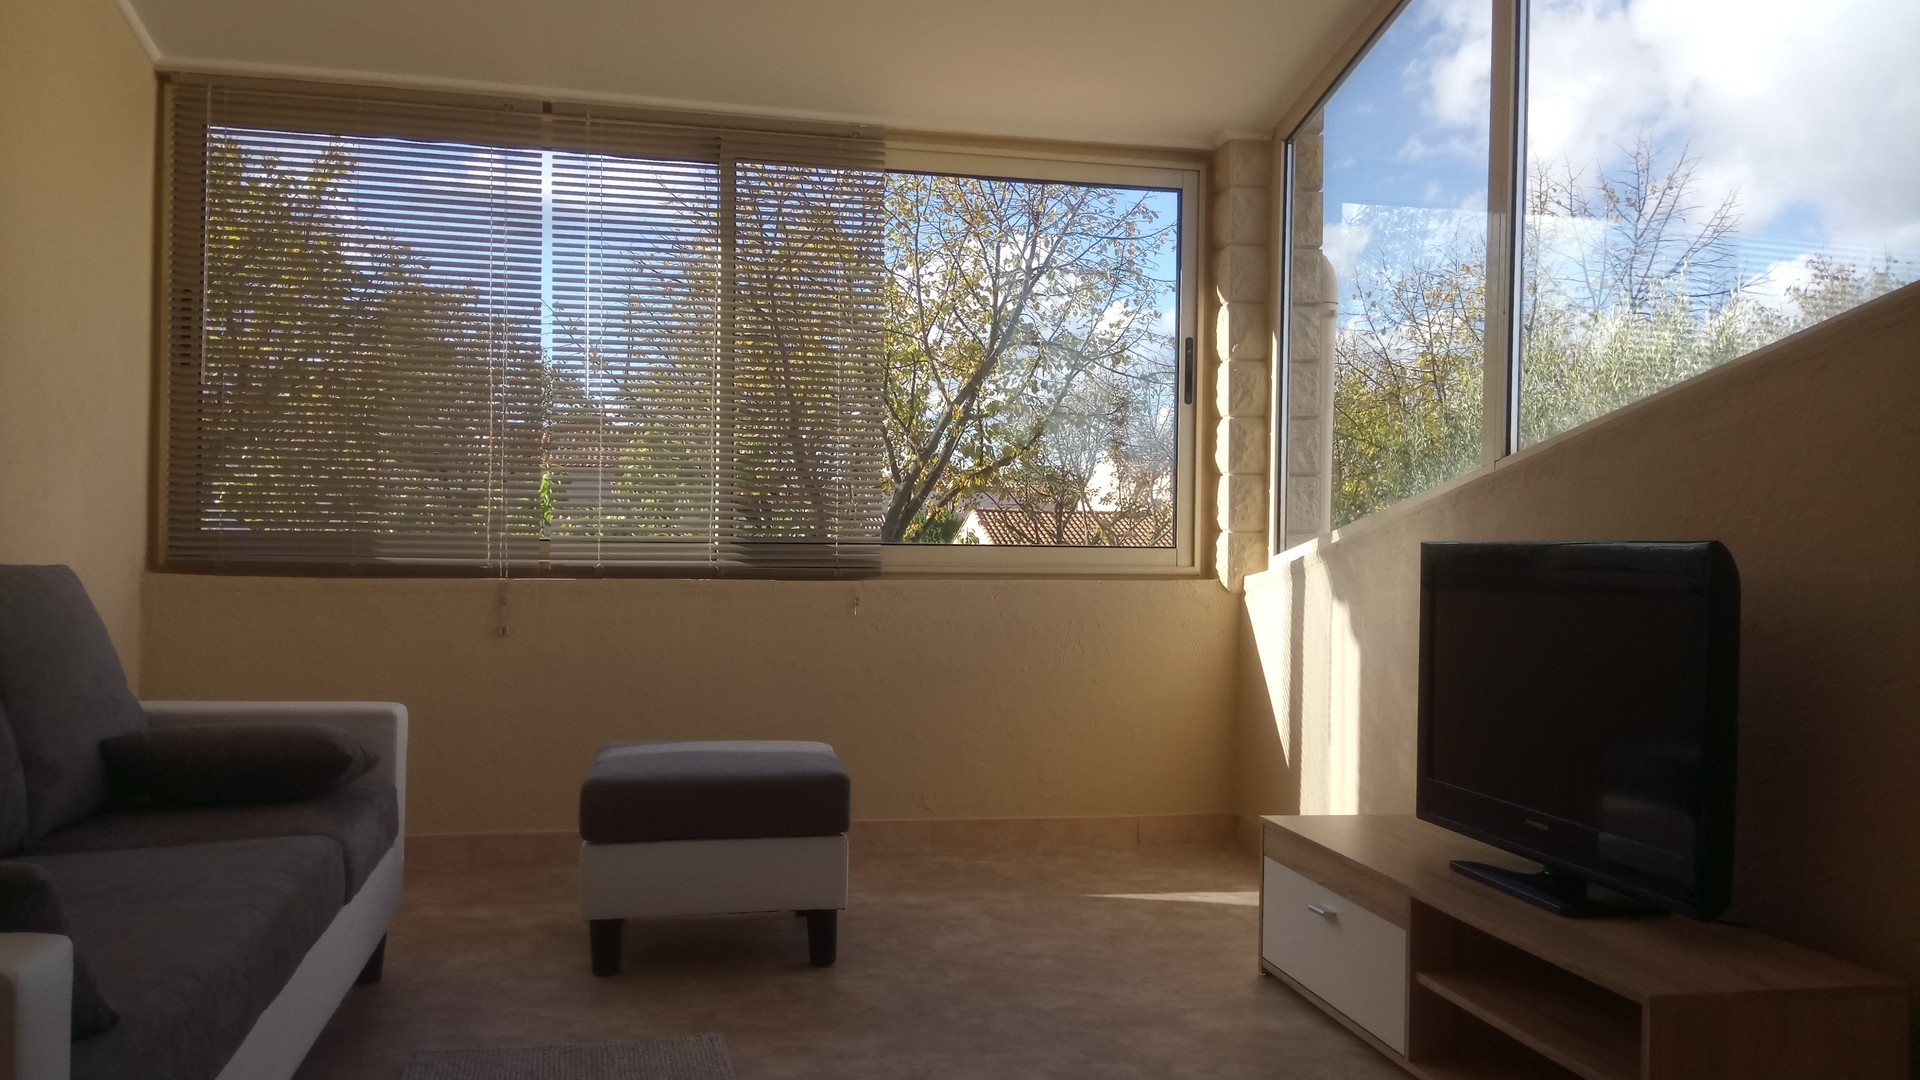 Salle De Bain Montpellier appartement avec 2 chambres, salon, cuisine, salle de bain, jardin